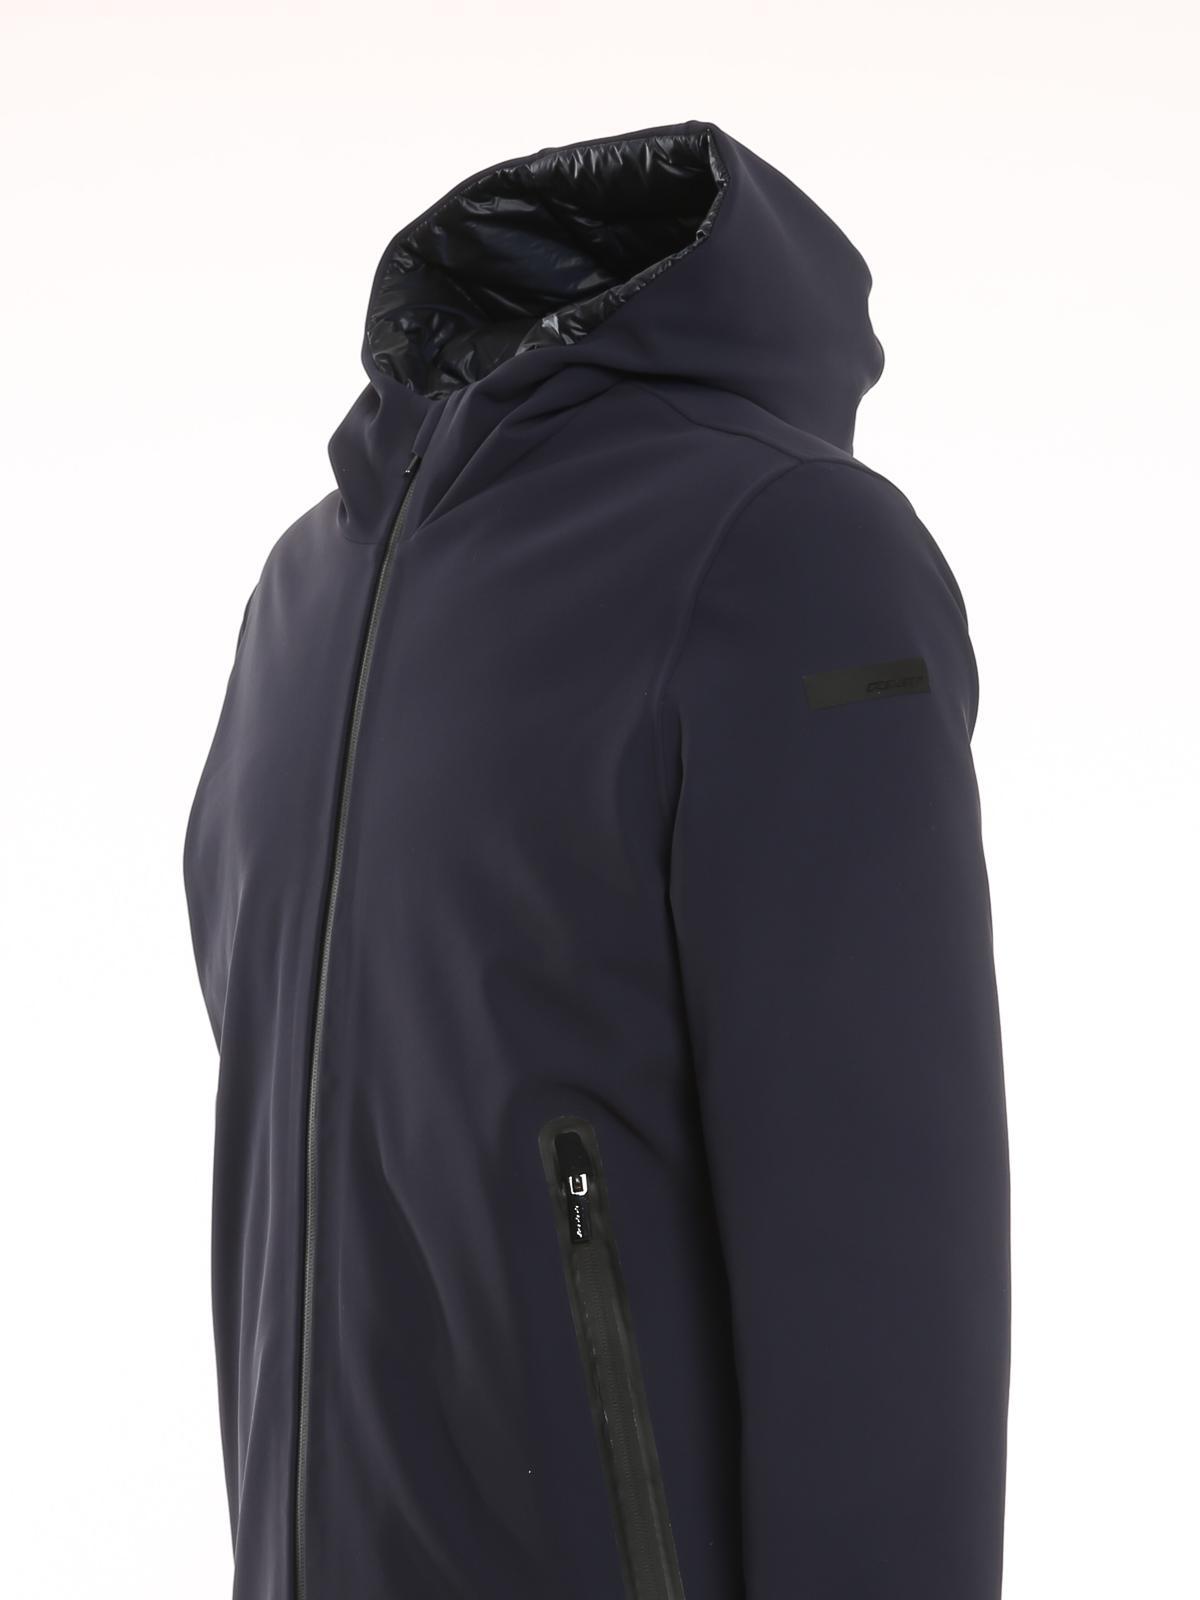 Picture of Rrd - Roberto Ricci Designs | Winter Storm